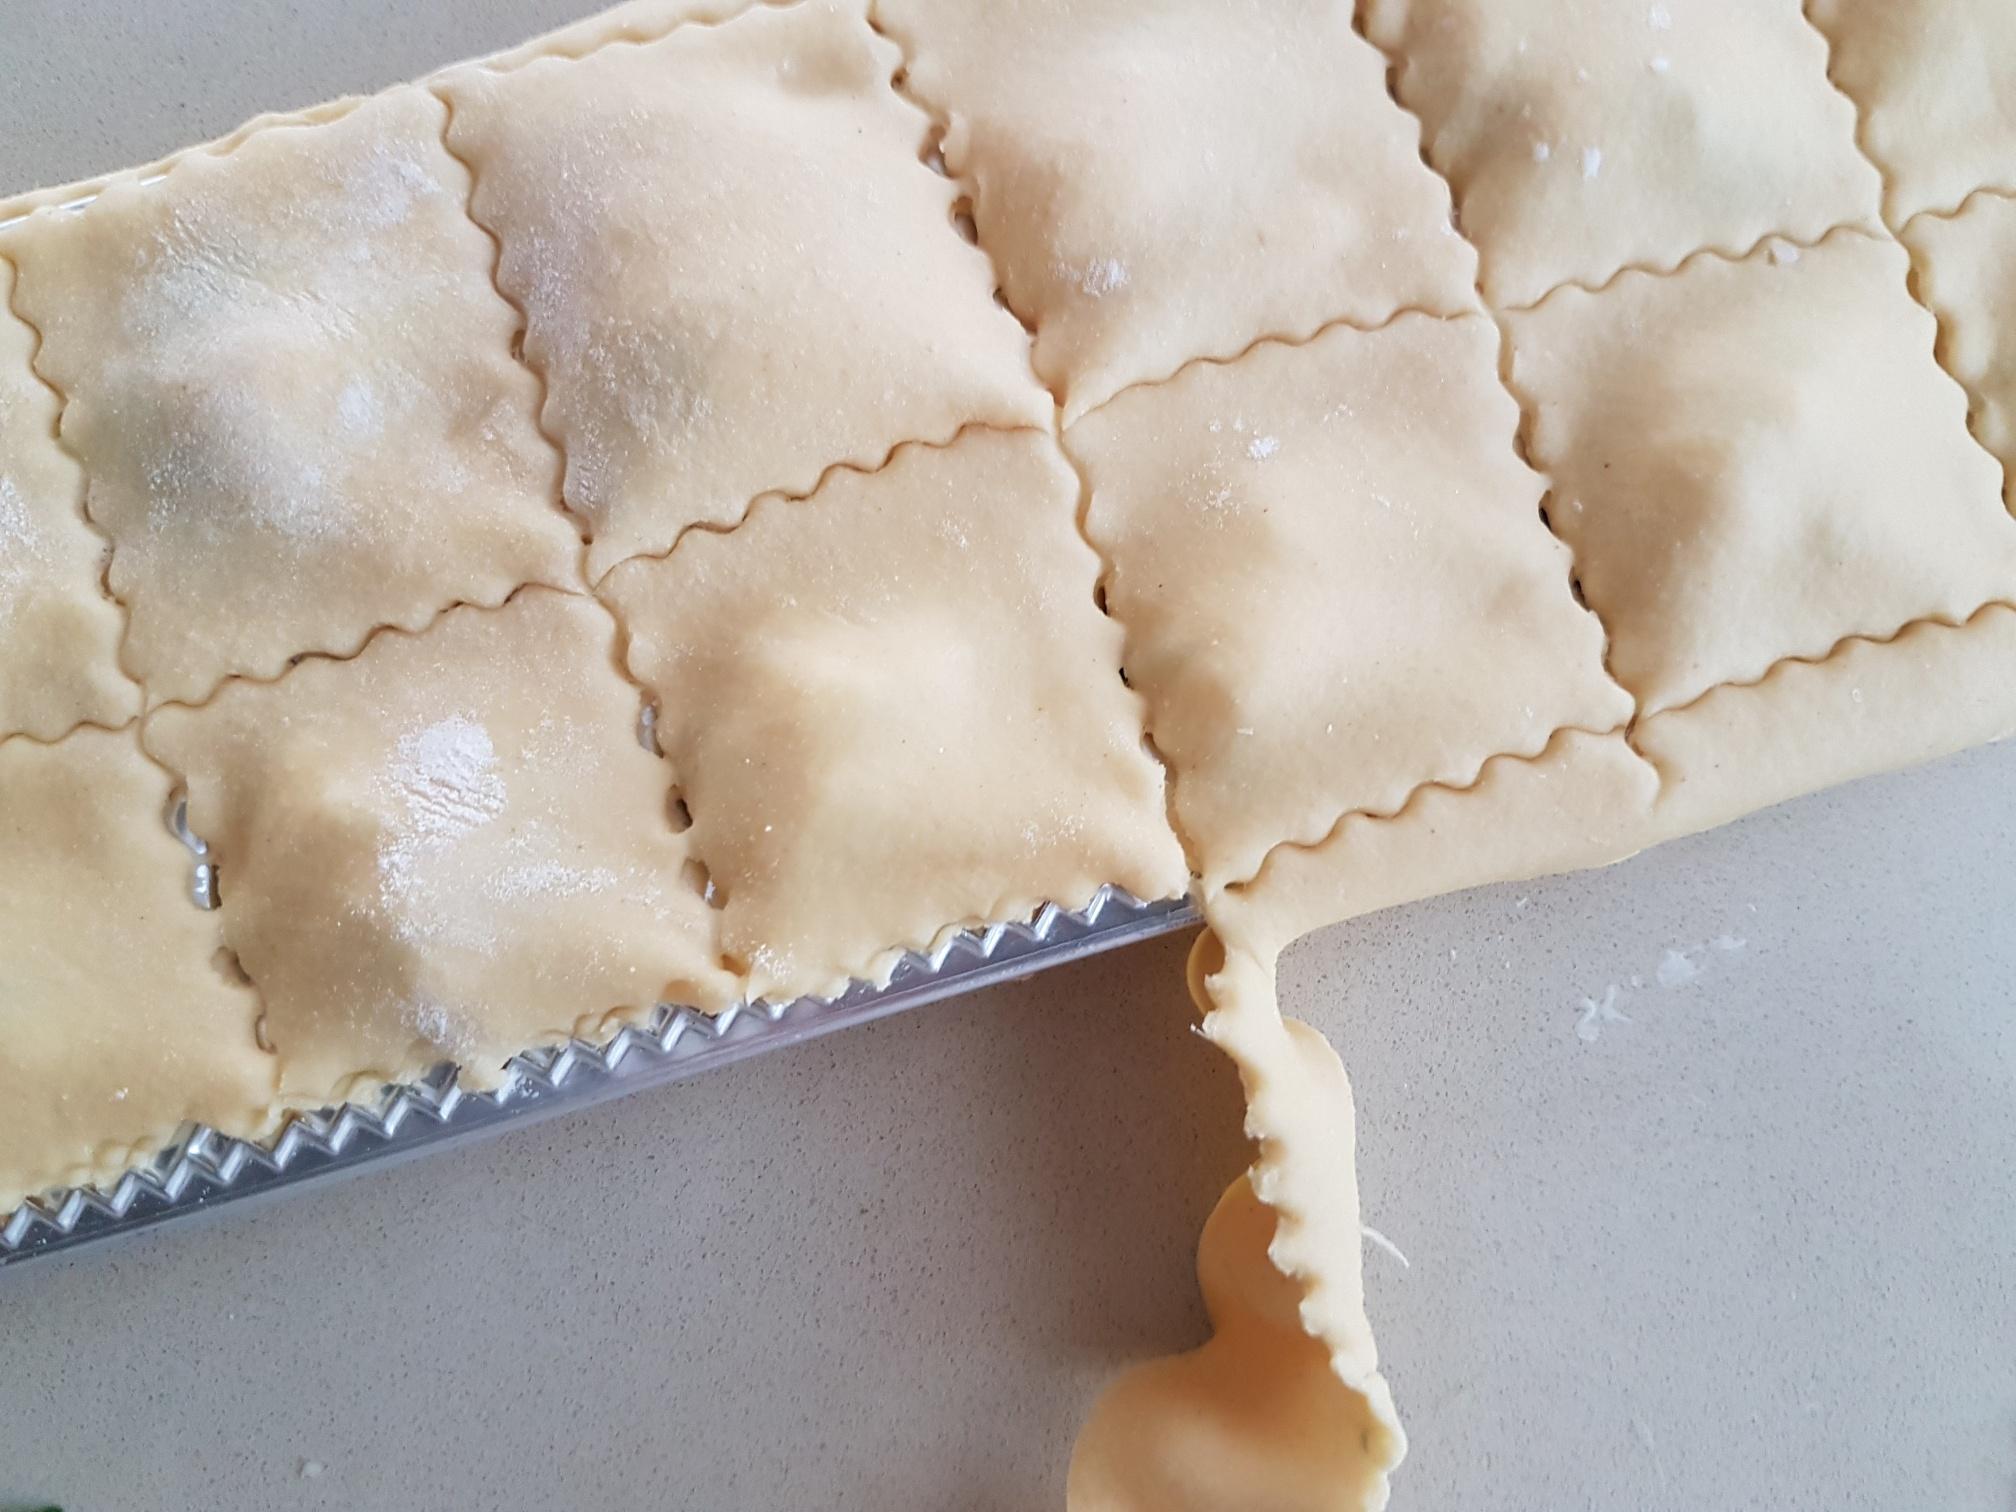 Най-добре е да оформите равиолите с нож за сладкиши. Можете да избирате между различни форми – квадратни, правоъгълни, кръгли.